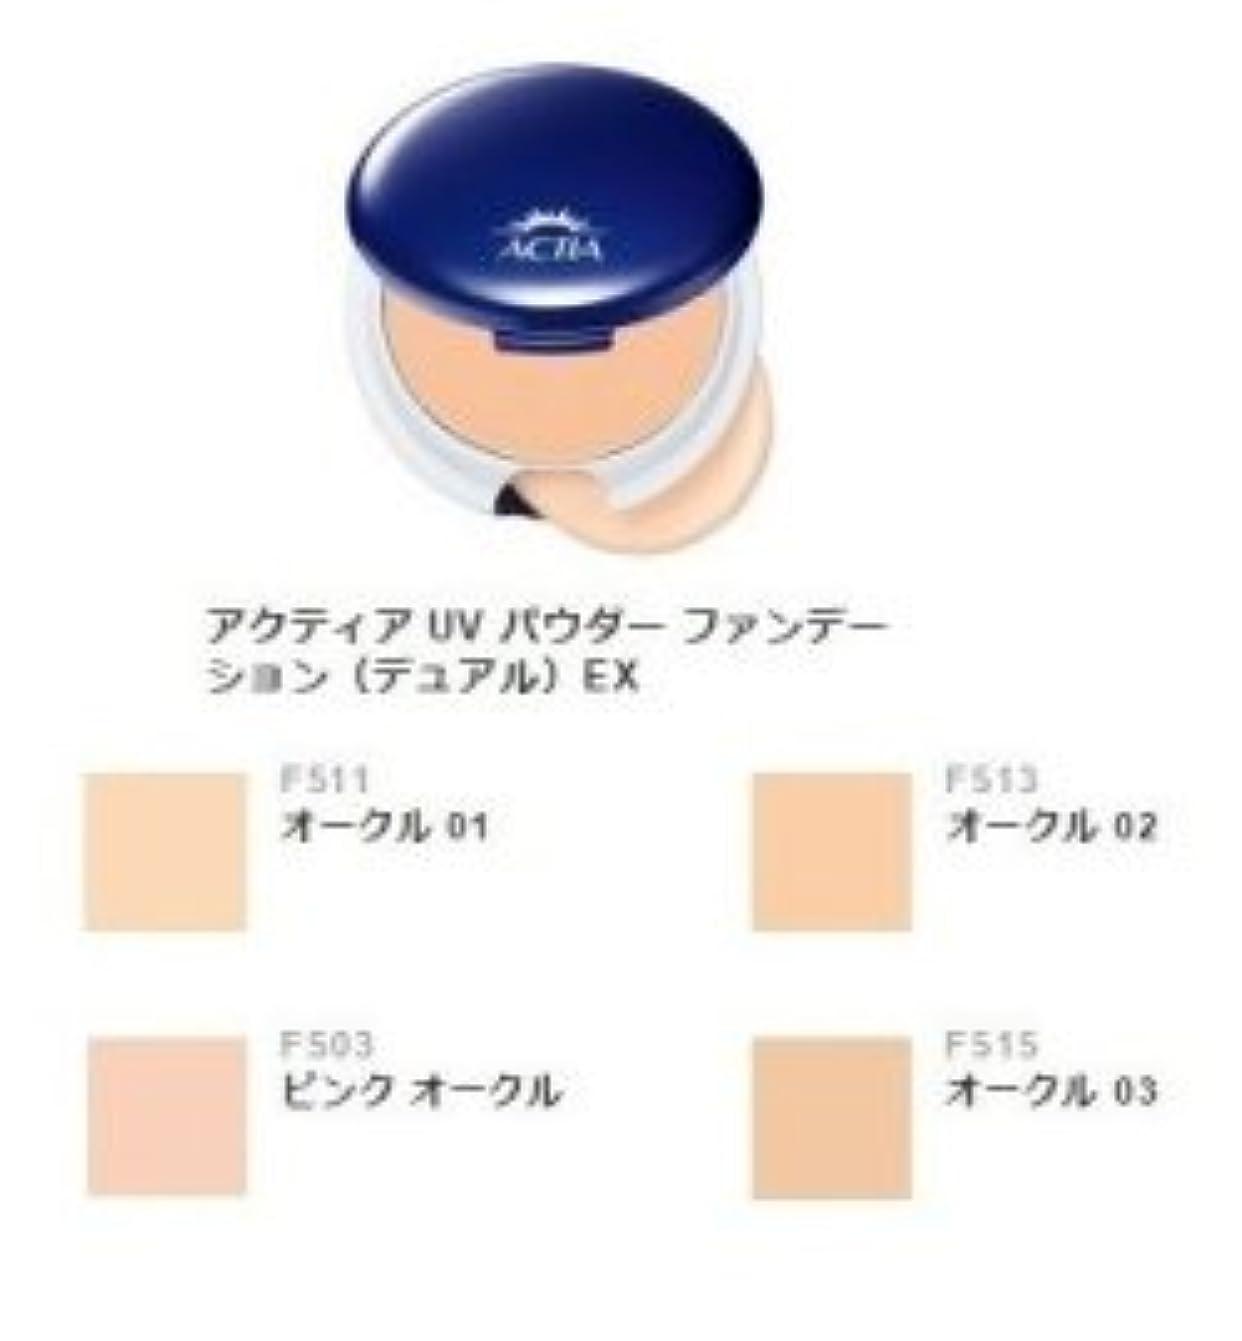 信仰蘇生する花火エイボン(AVON) アクティア UV パウダーファンデーション(デュアル)EX(リフィル) F513 オークル02